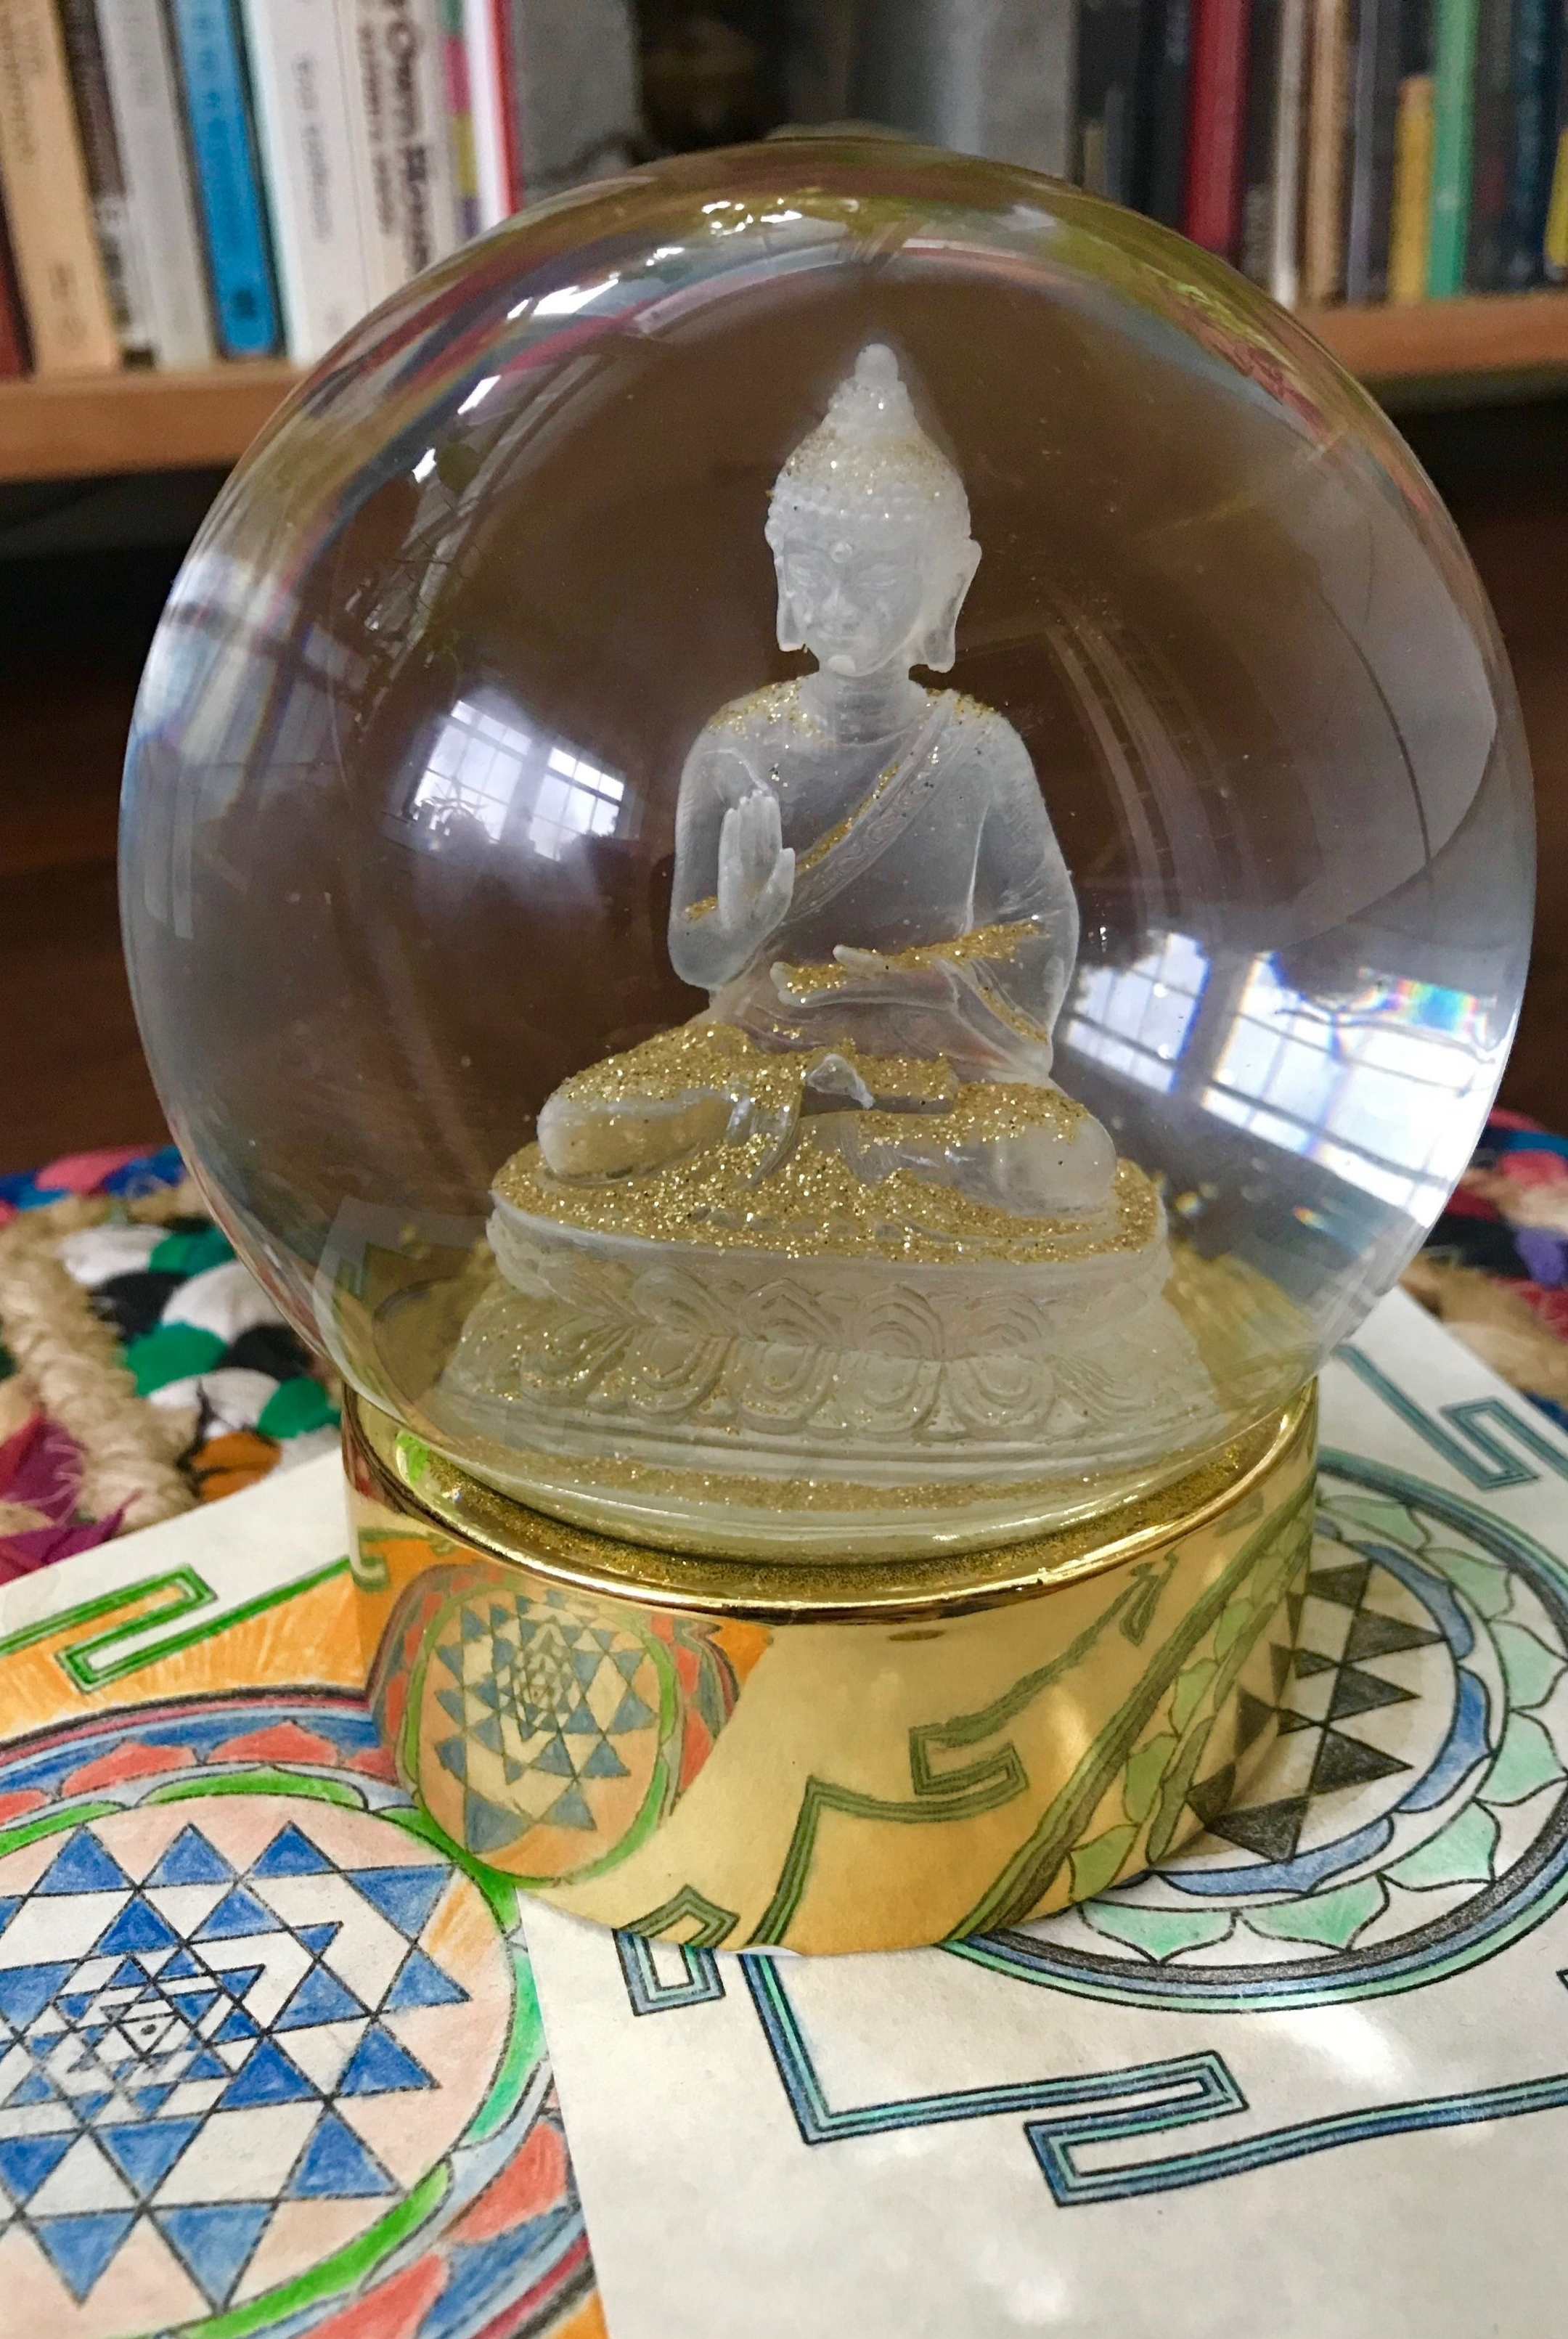 Goddess Tara Mantra 108 - Tara means